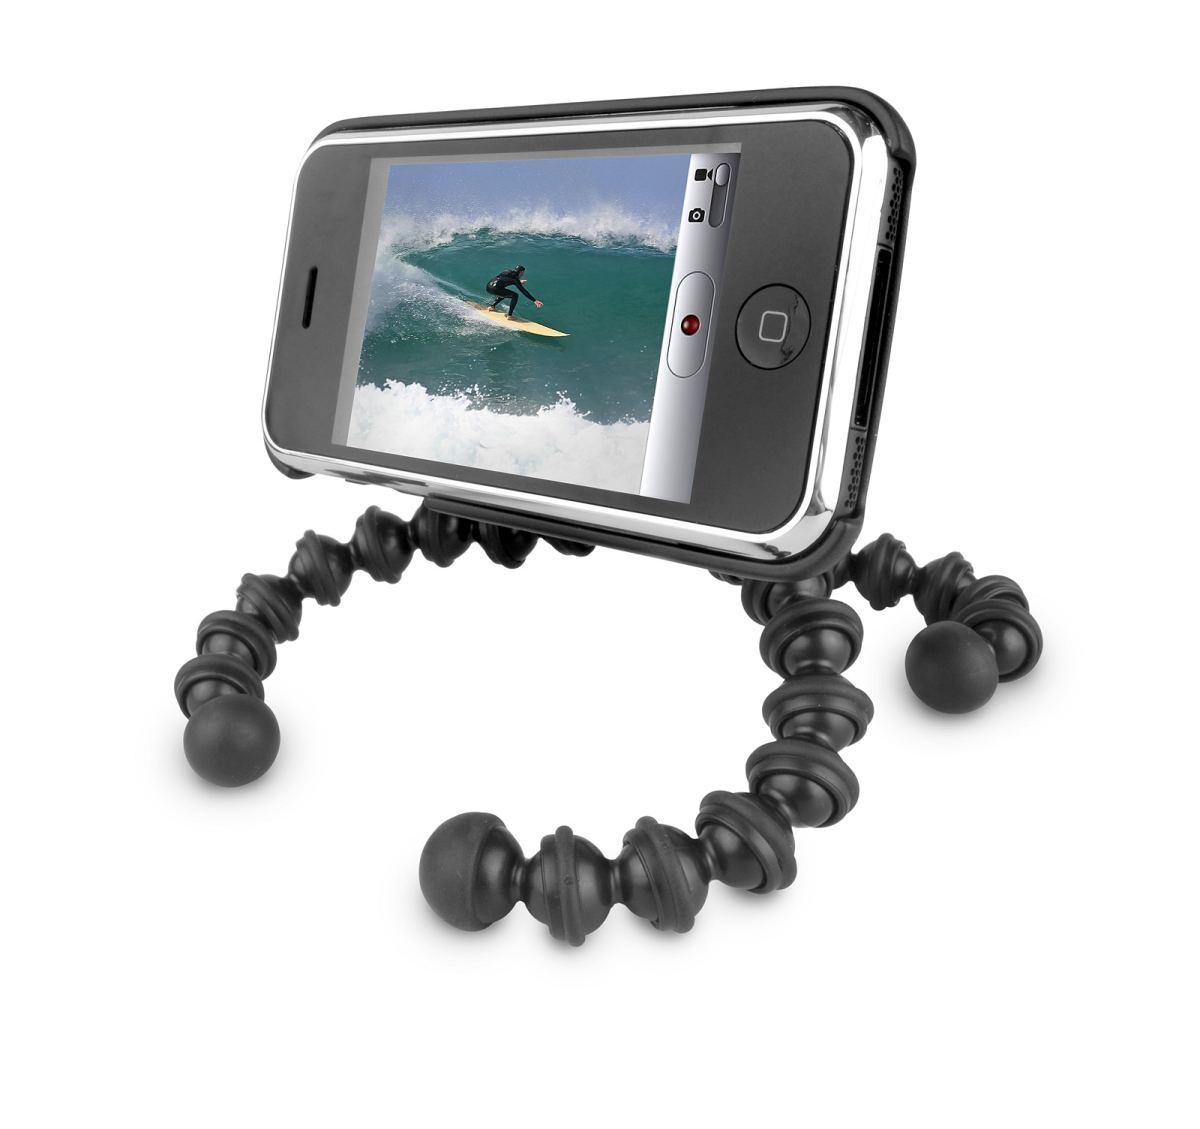 gorillamobile3g-01-iphonehoriz